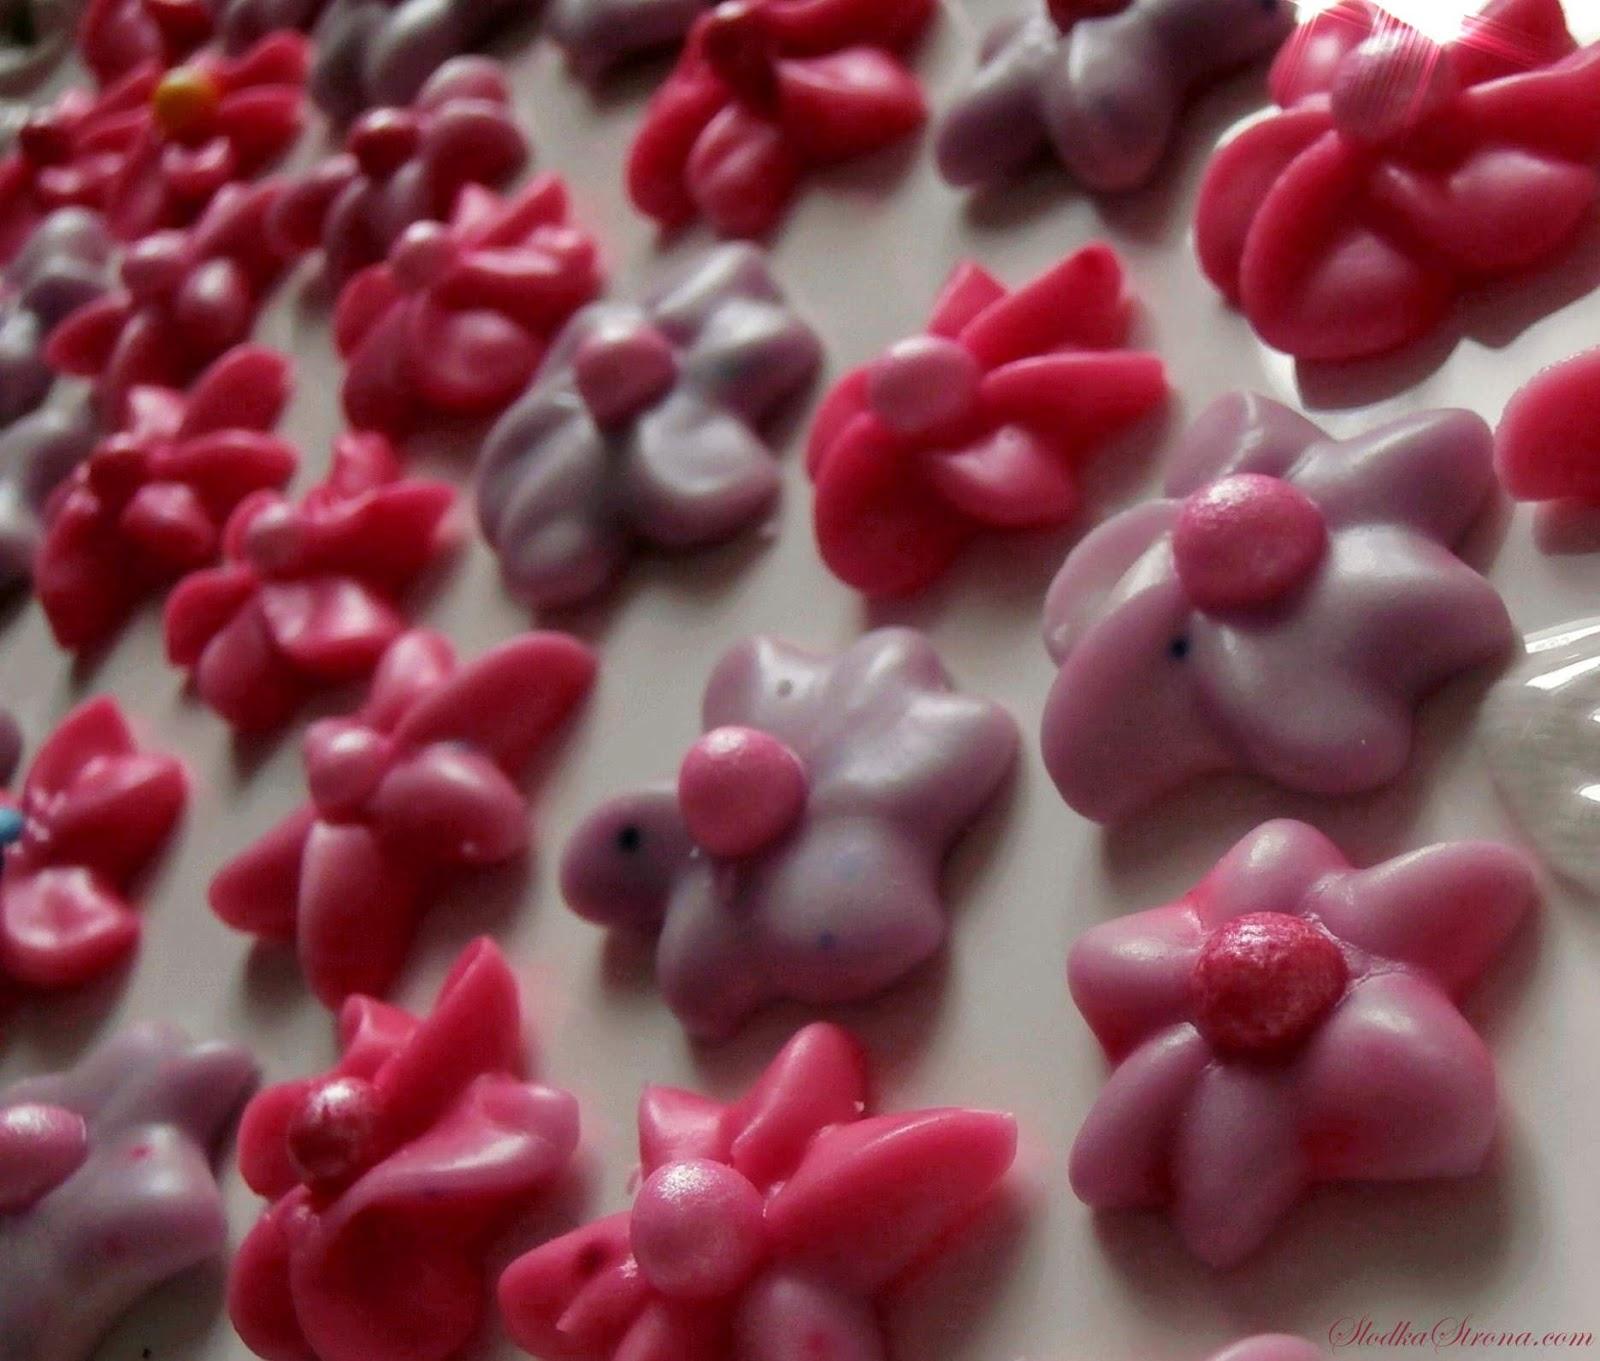 Kwiatuszki z Lukru do Dekoracji Ciast i Deserów - Przepis - Słodka Strona